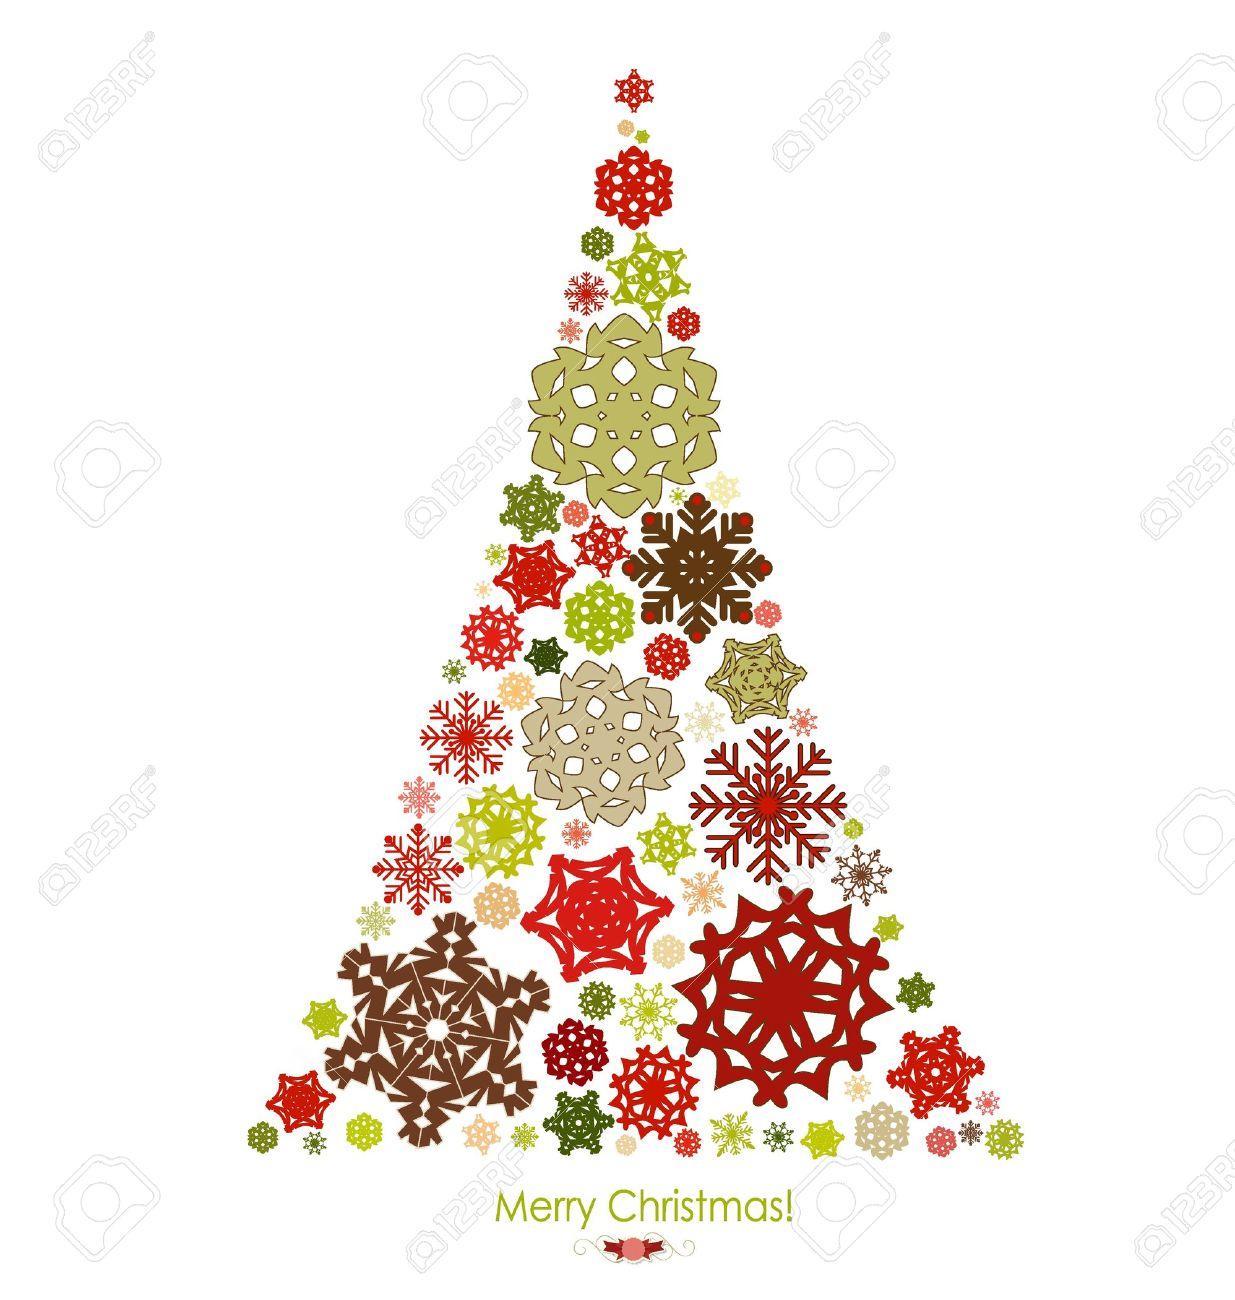 ベクトル イラスト クリスマス ツリーとクリスマスの背景。 ロイヤリティ